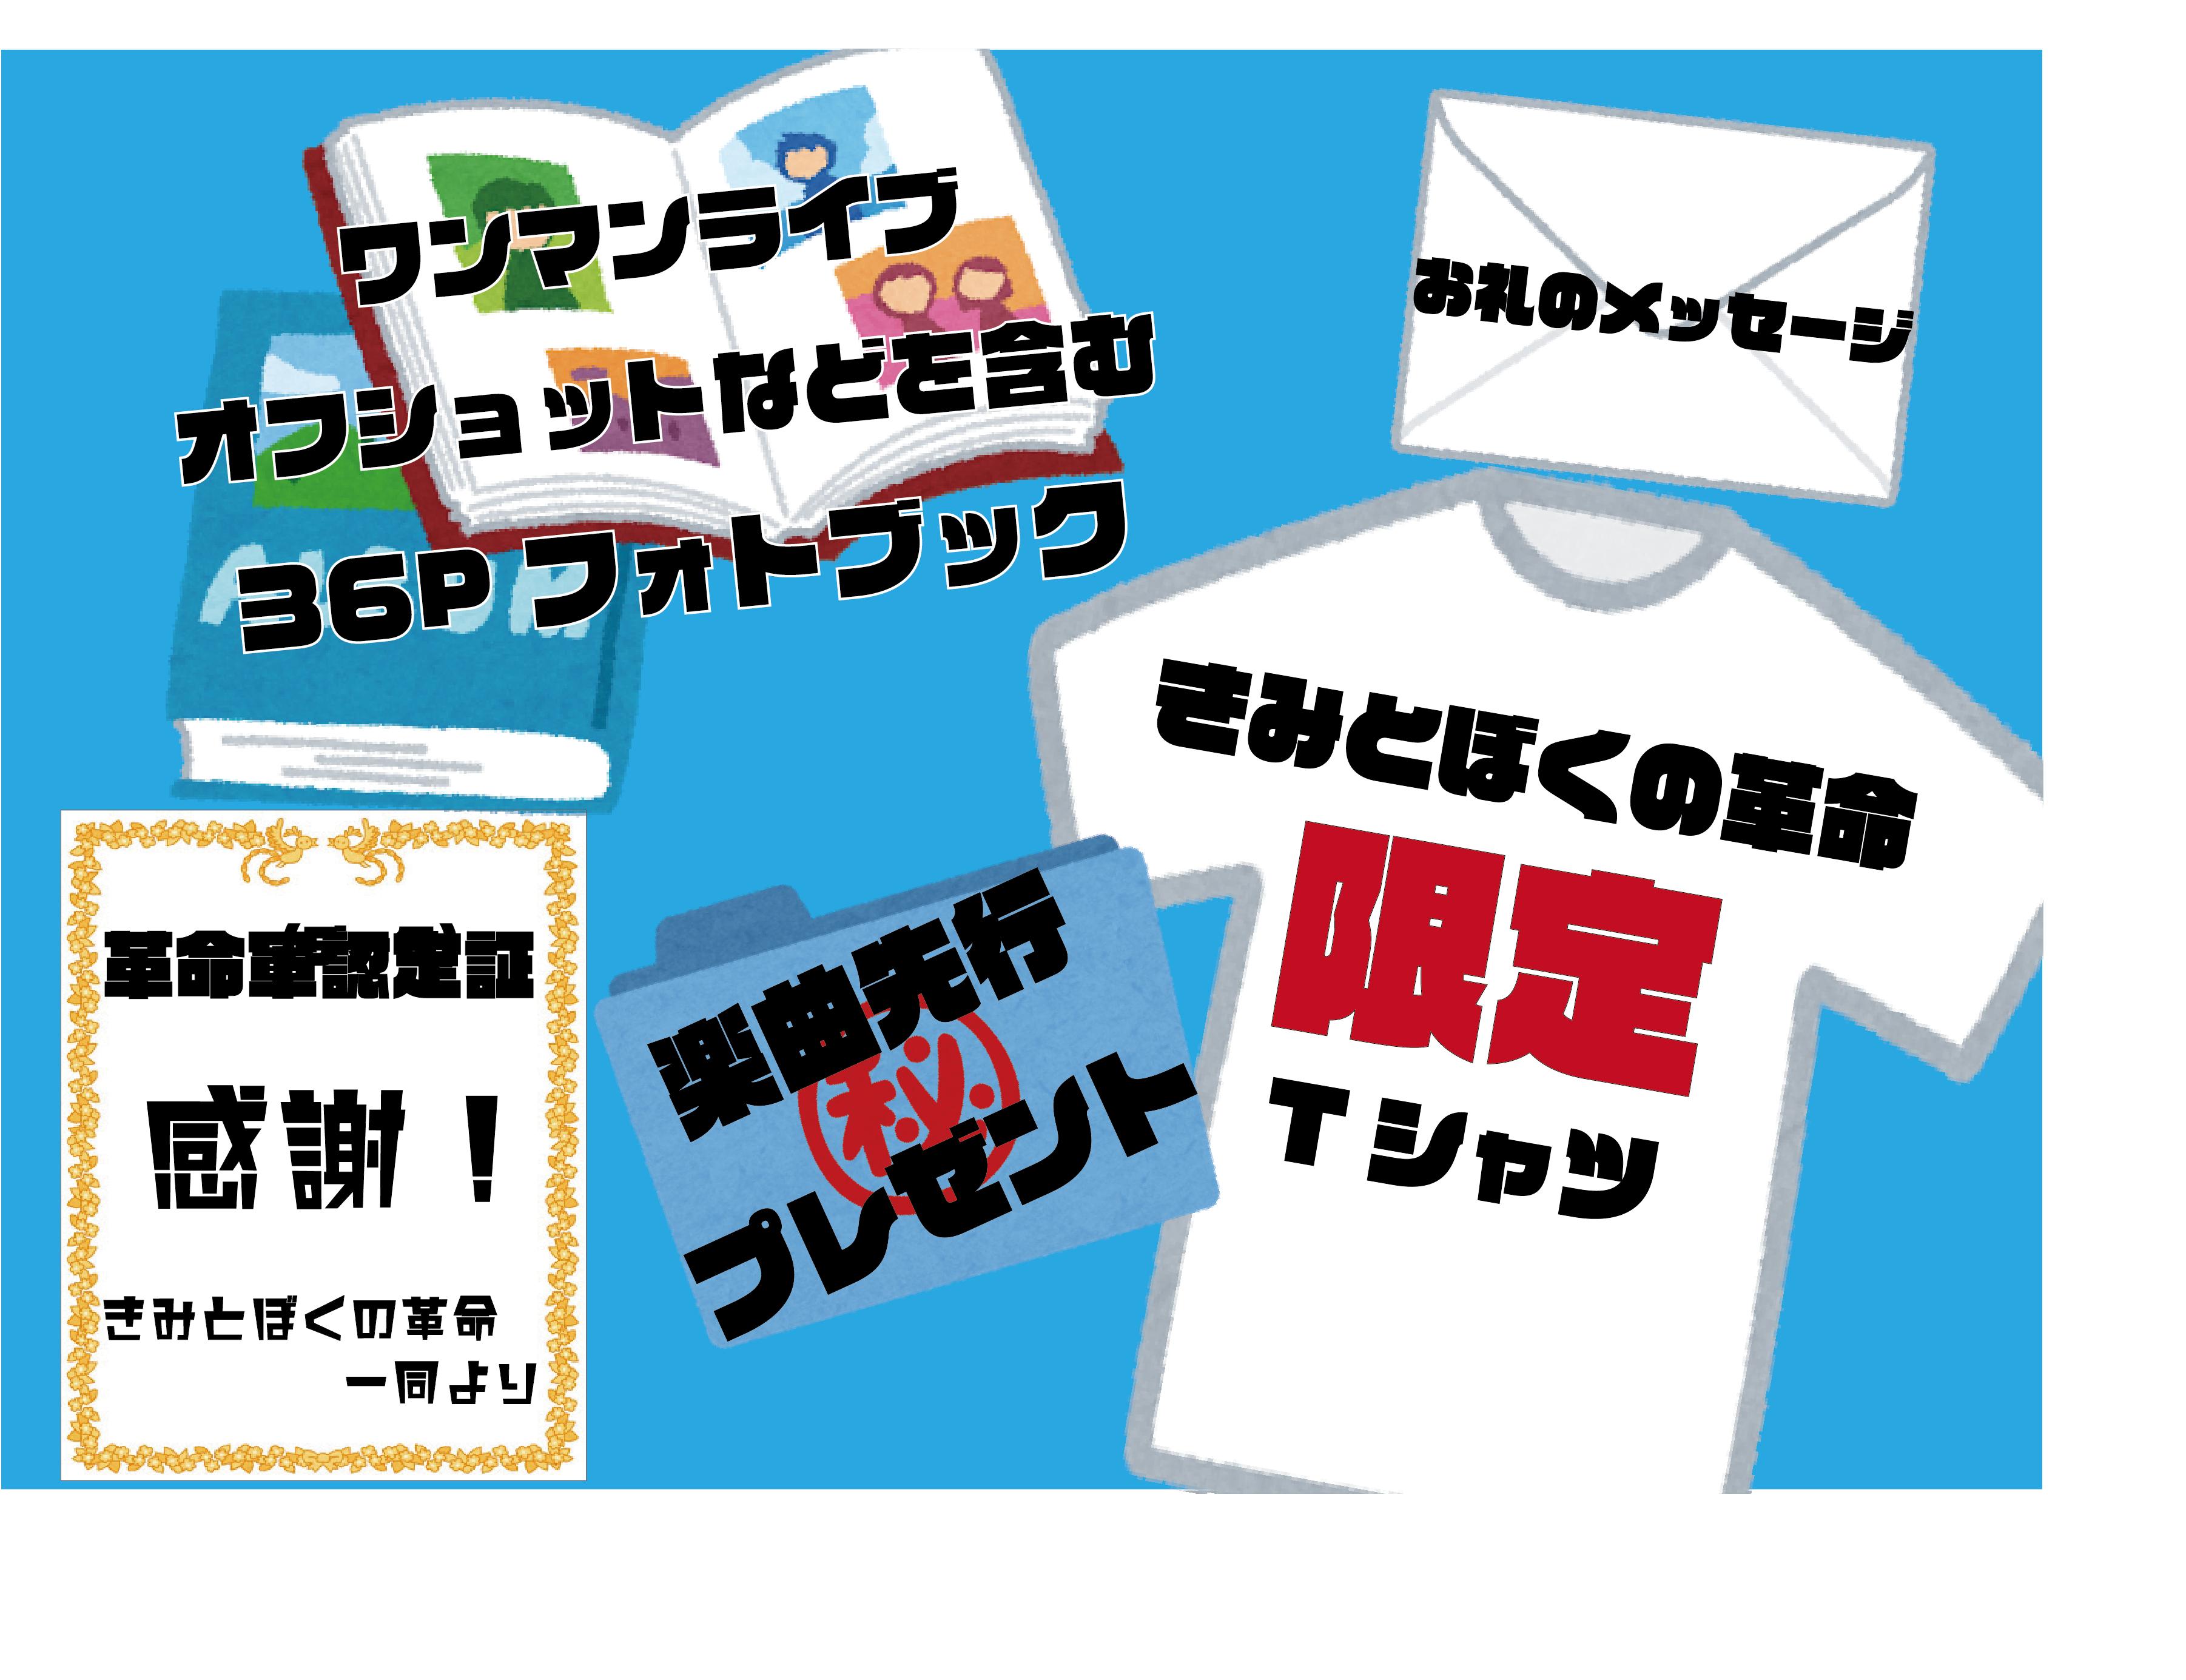 <きみとぼくの革命スペシャル プラン>